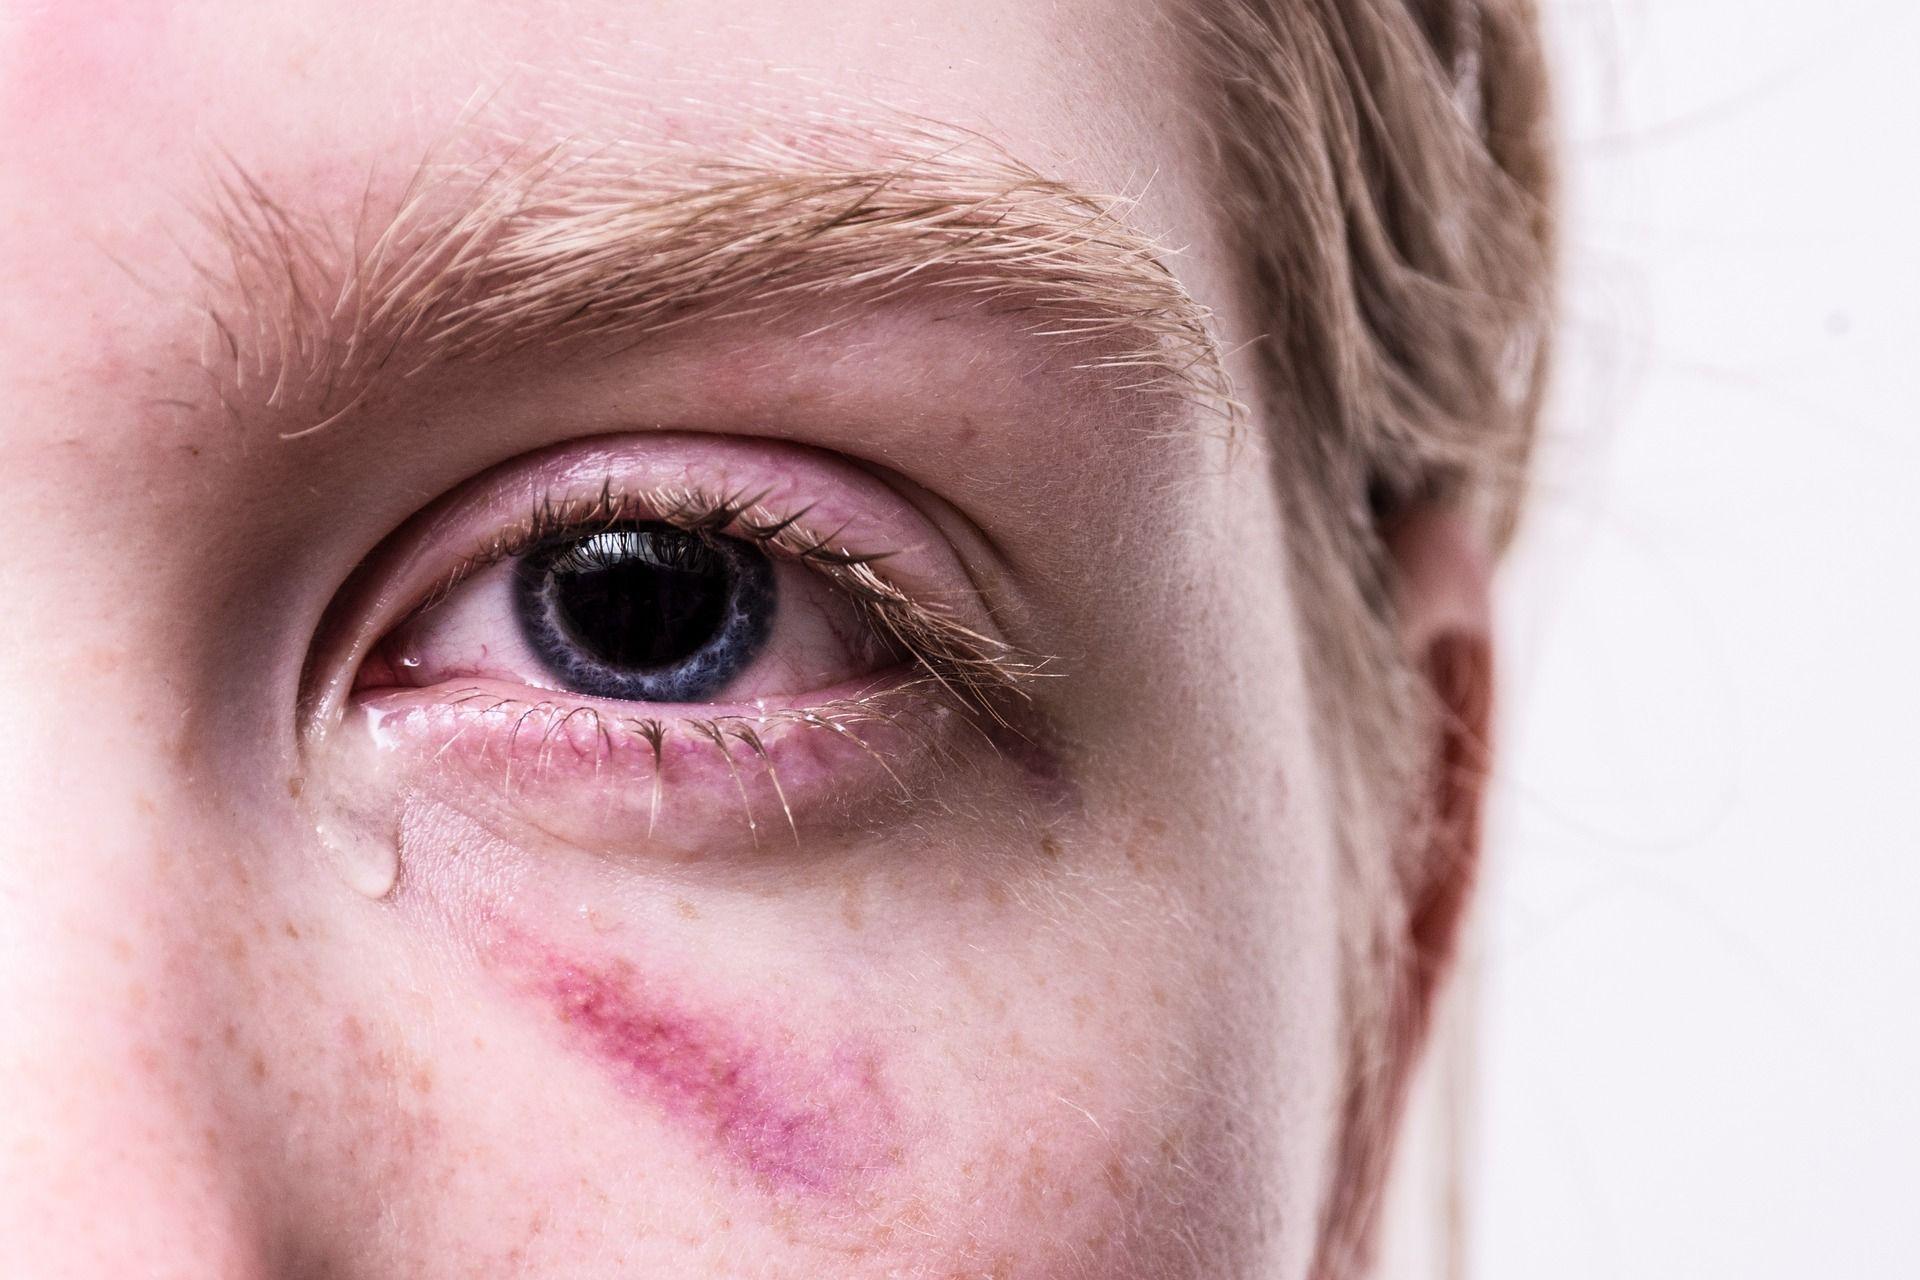 Blaues Auge und Tränen bei einer jungen Frau